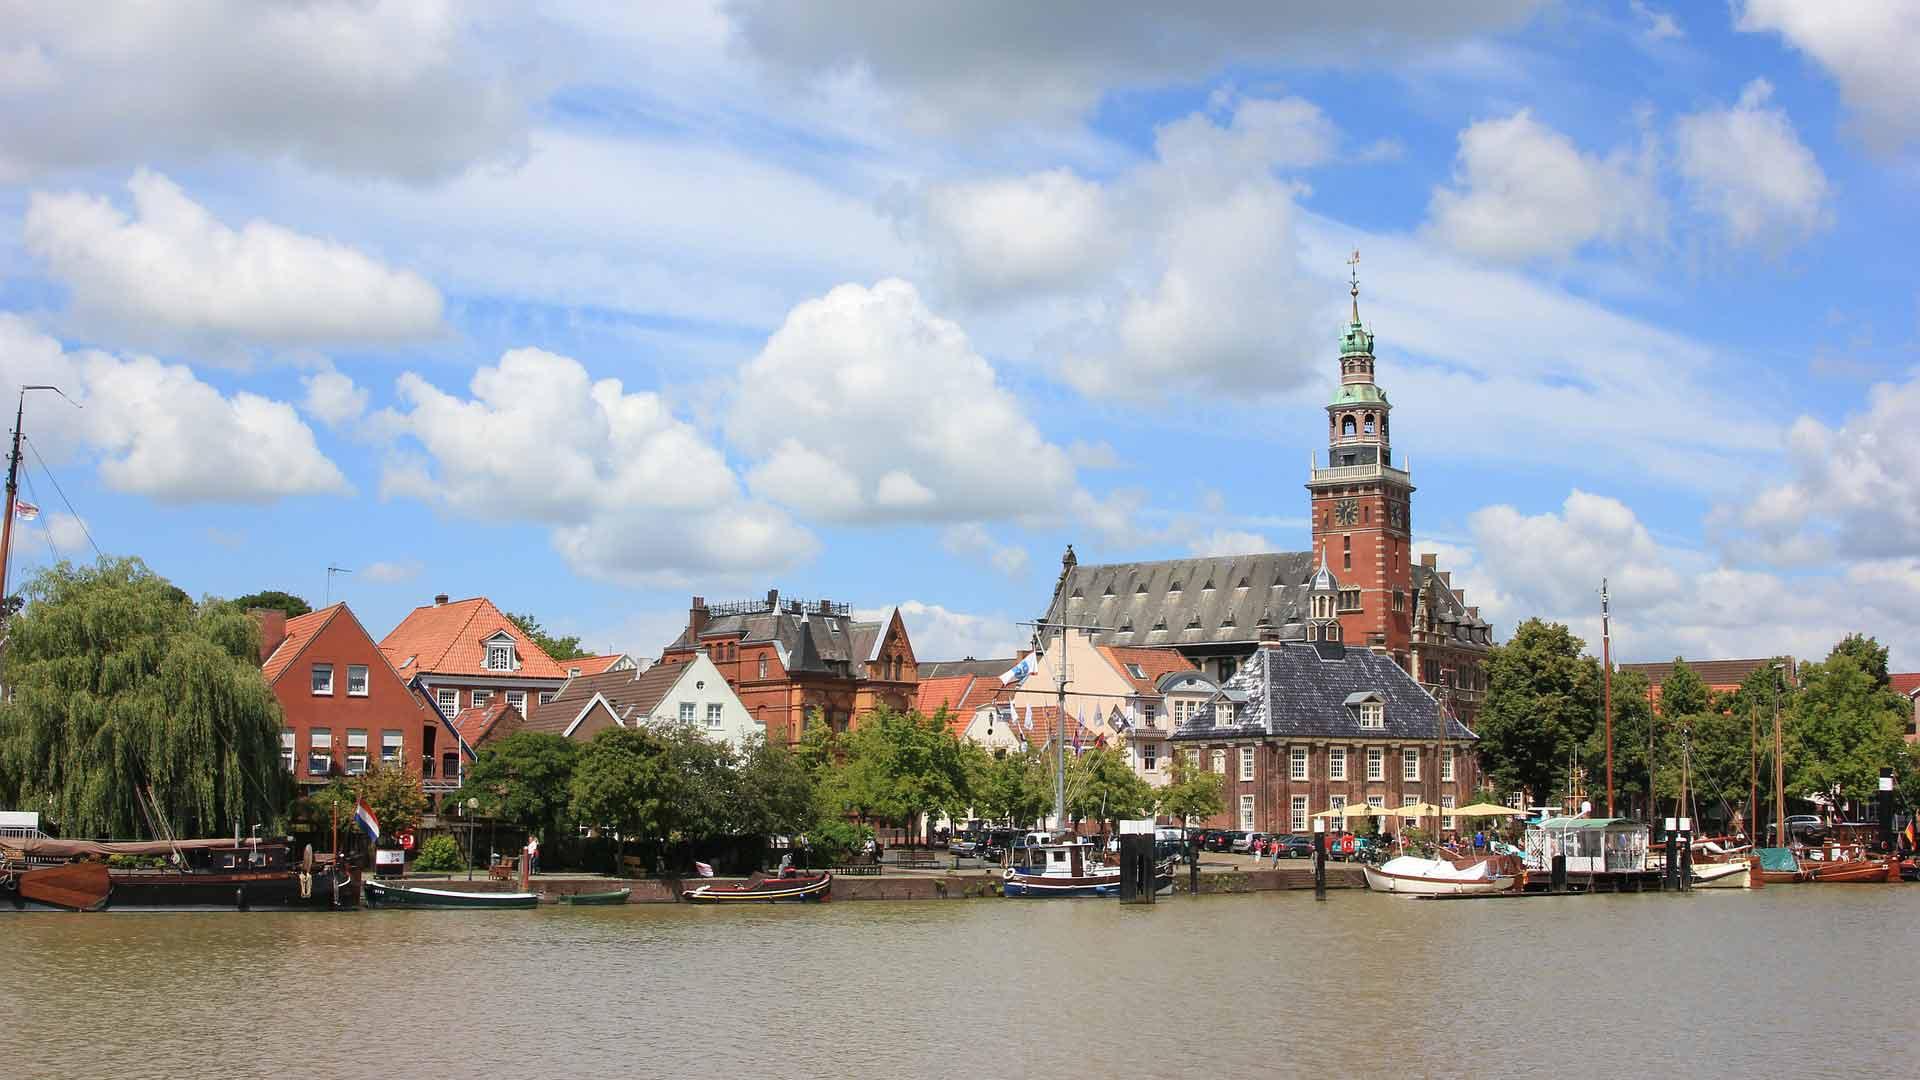 Het mooie havenstadje Leer in Ostfriesland